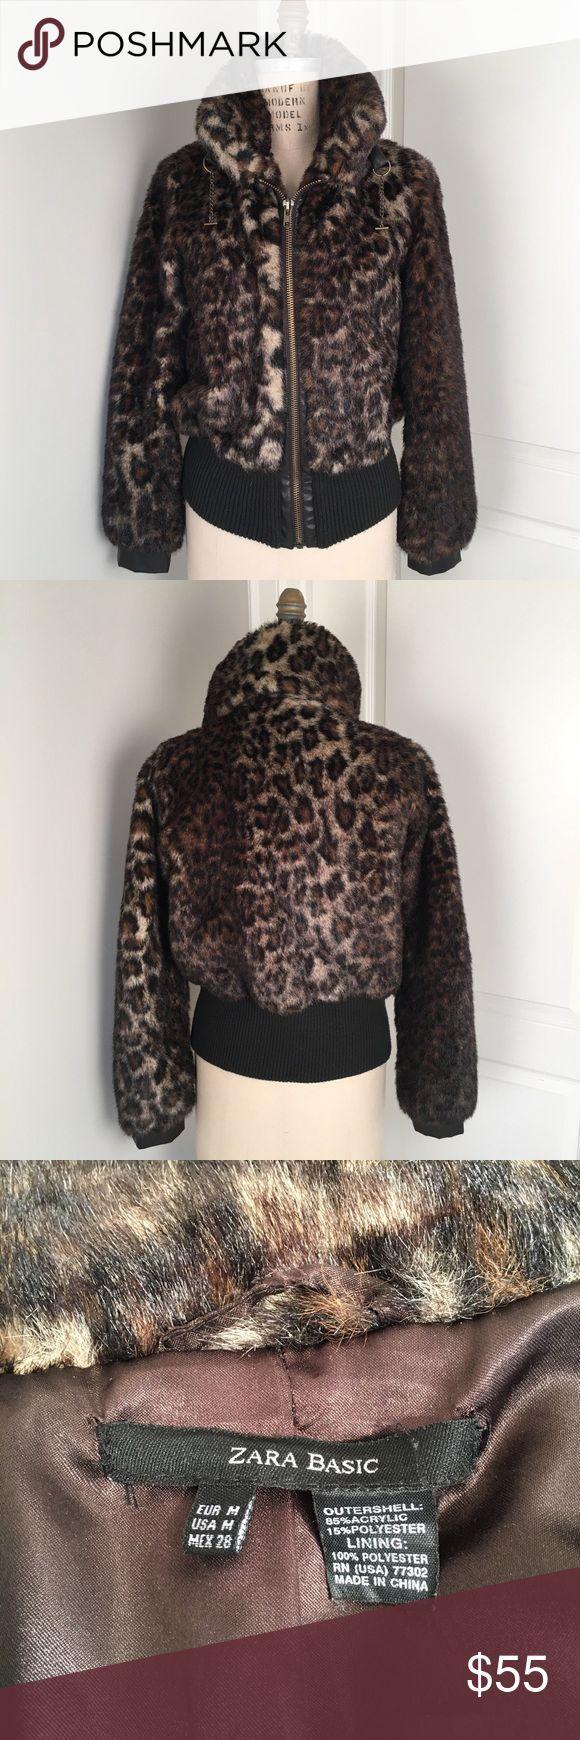 Zara Leopard Jacket ZARA faux fur leopard print bomber